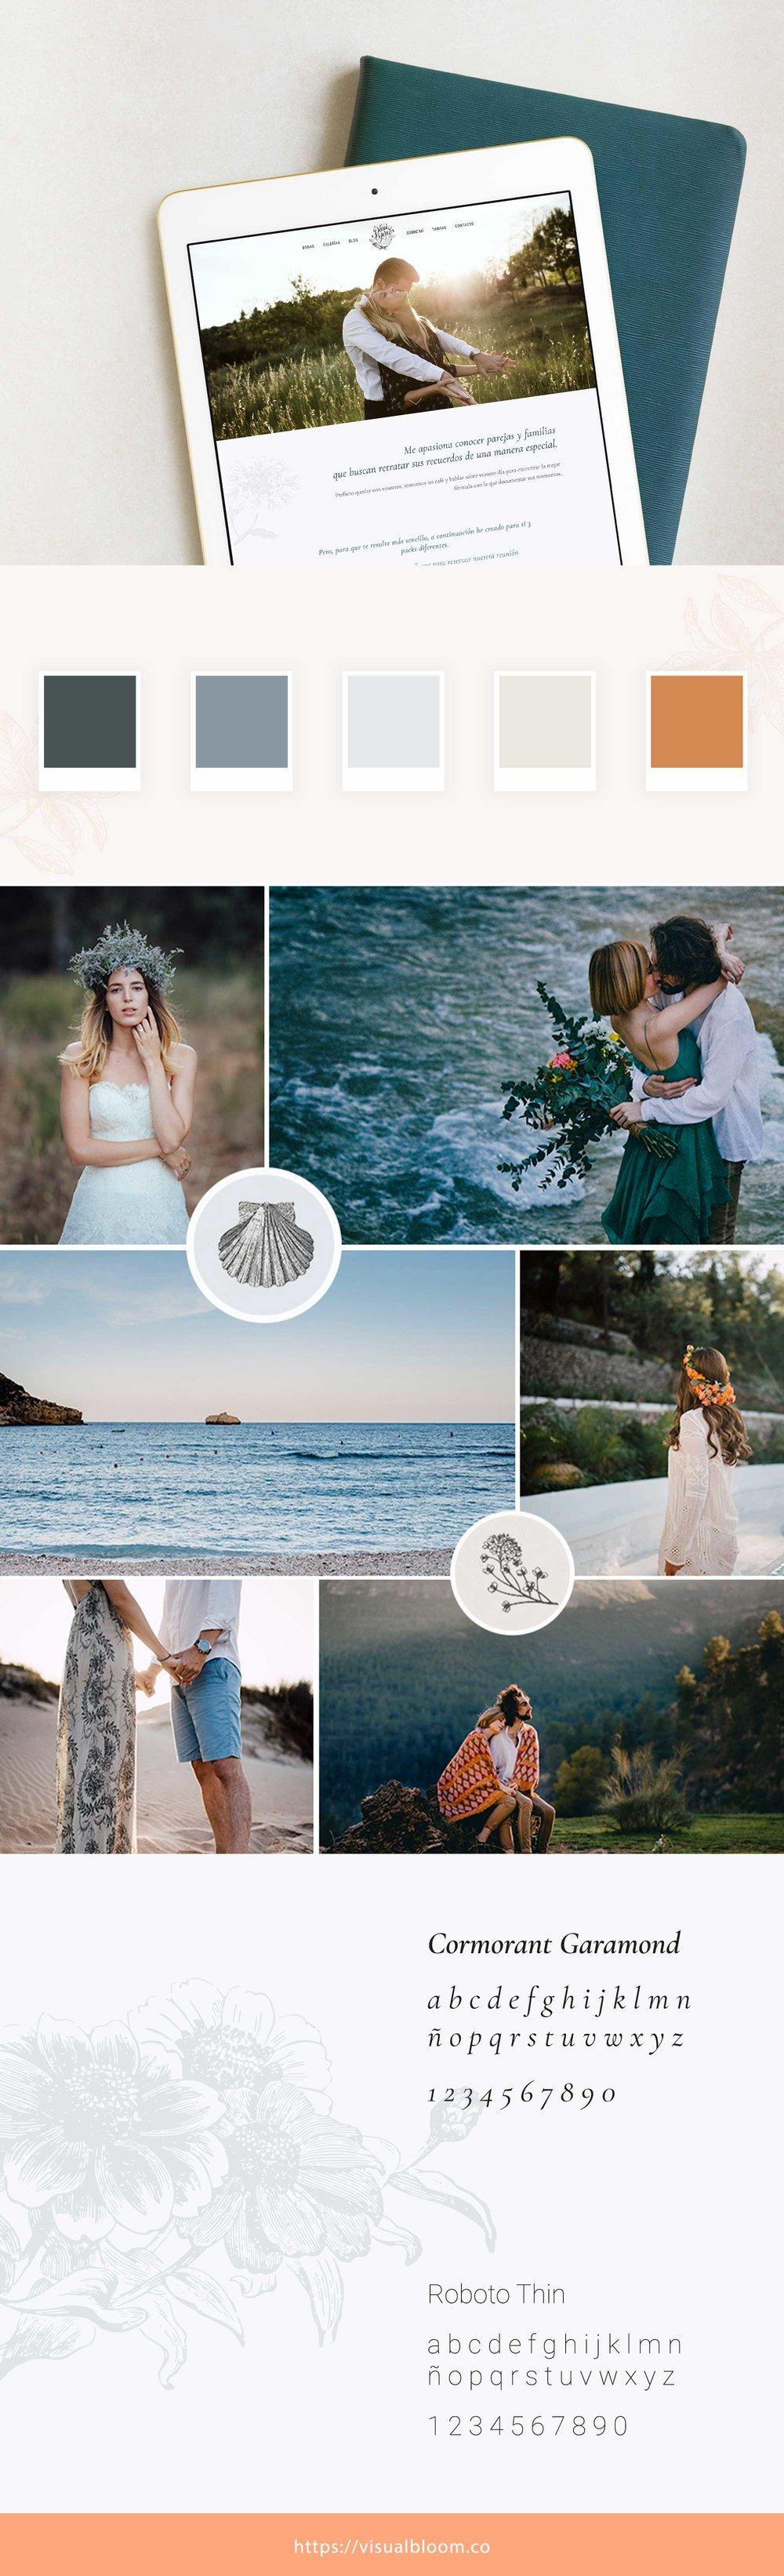 Elementos gráficos del diseño de identidad visual para Dani Arjones, fotógrafo de bodas.